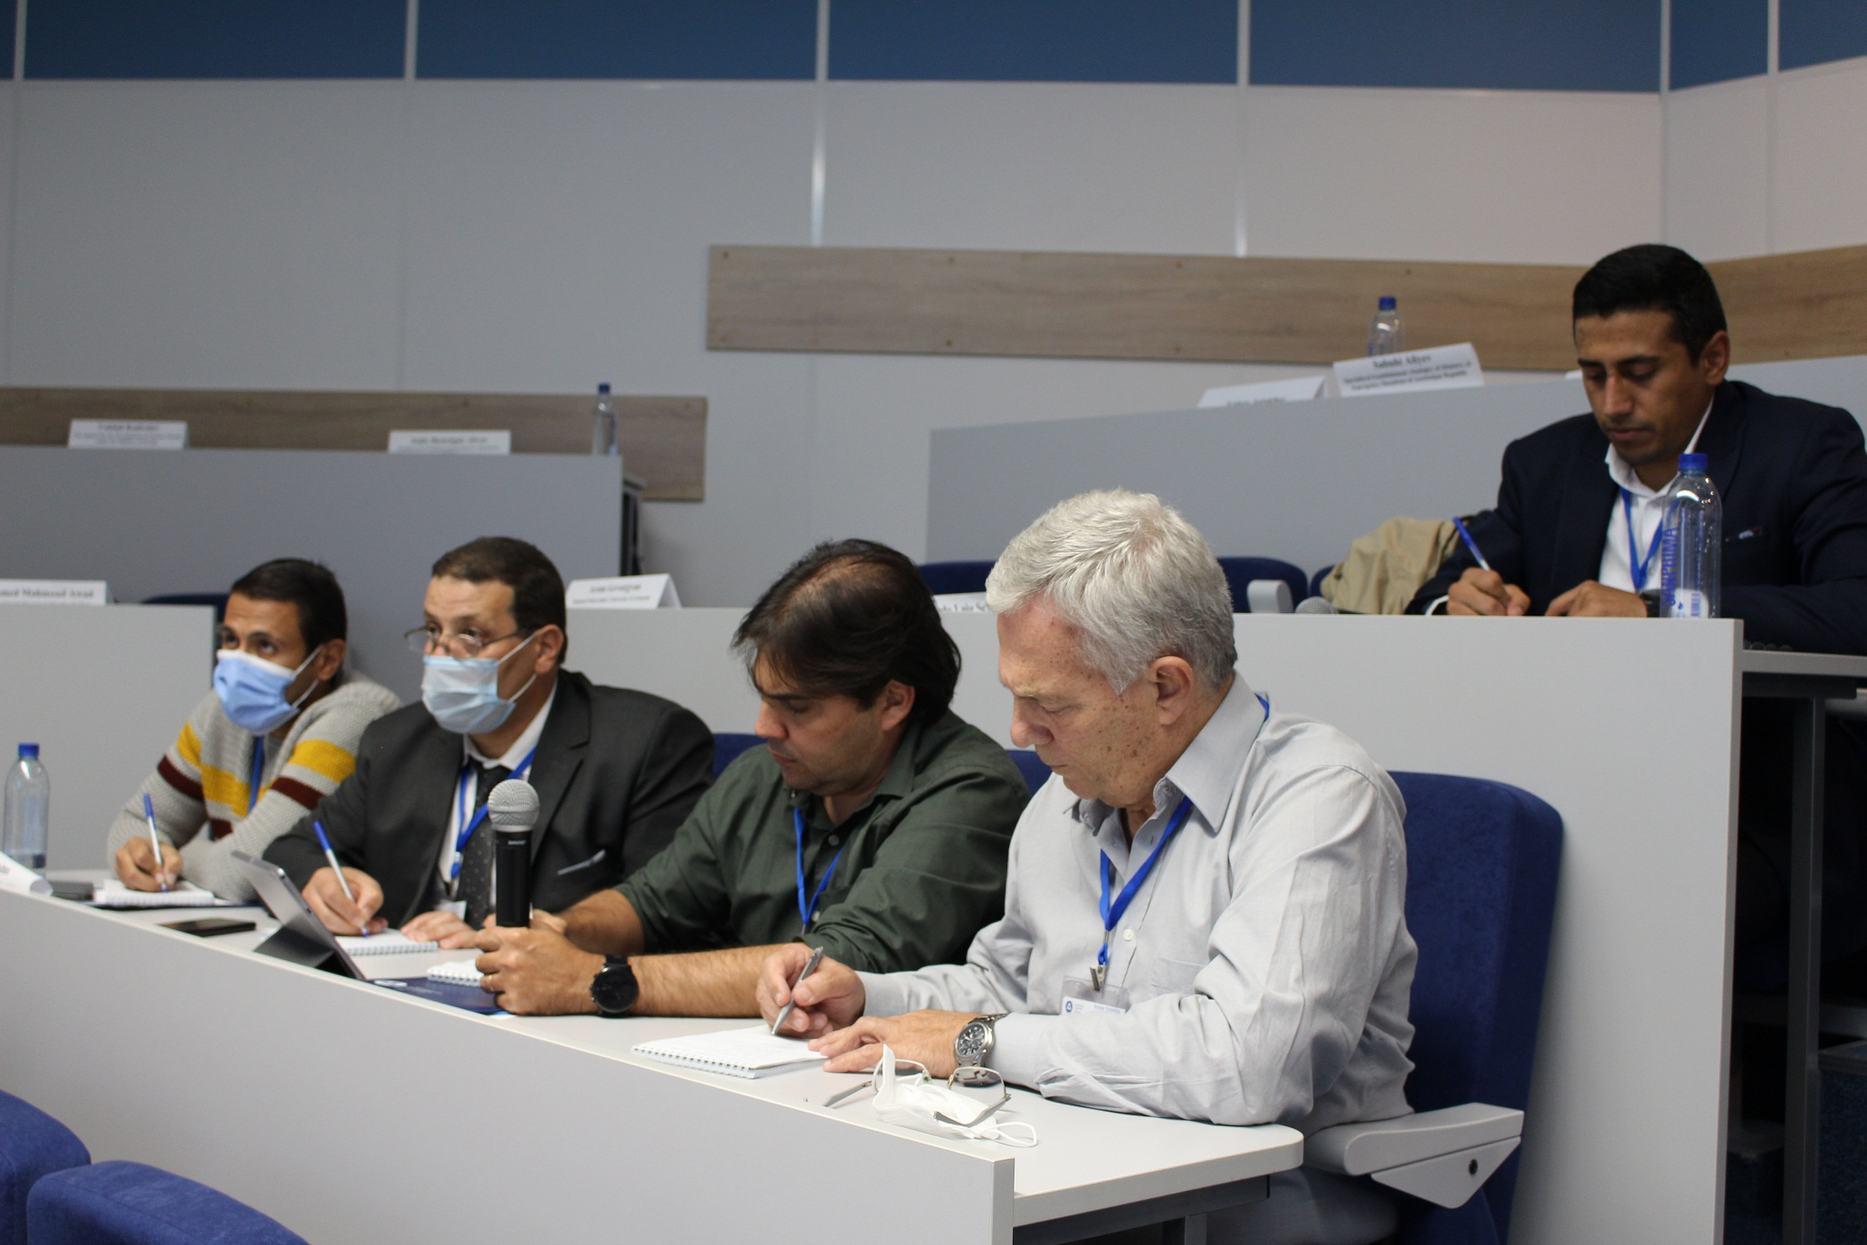 В Петербурге прошла сессия Школы России-МАГАТЭ по управлению ядерными знаниями